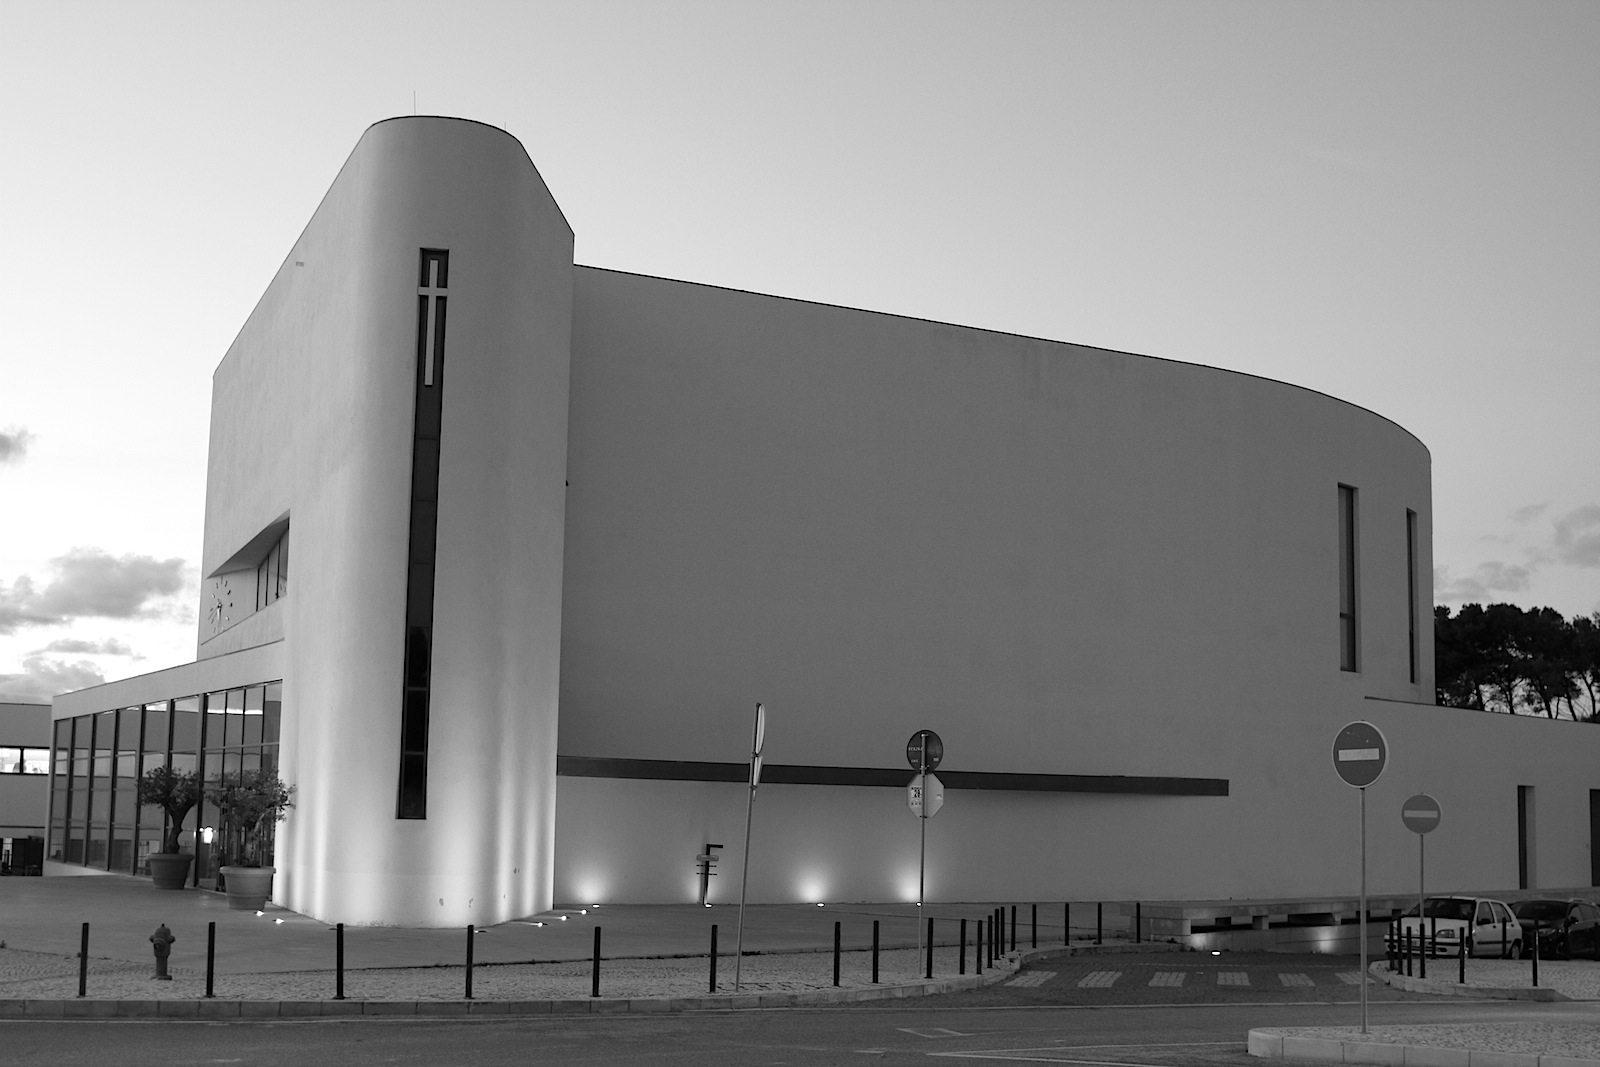 Kirche Senhora da Boa Nova. Seit 2009 hat das Viertel nun eine architektonische Perle, die zu allen Seiten ein sichtbares Zeichen setzt.